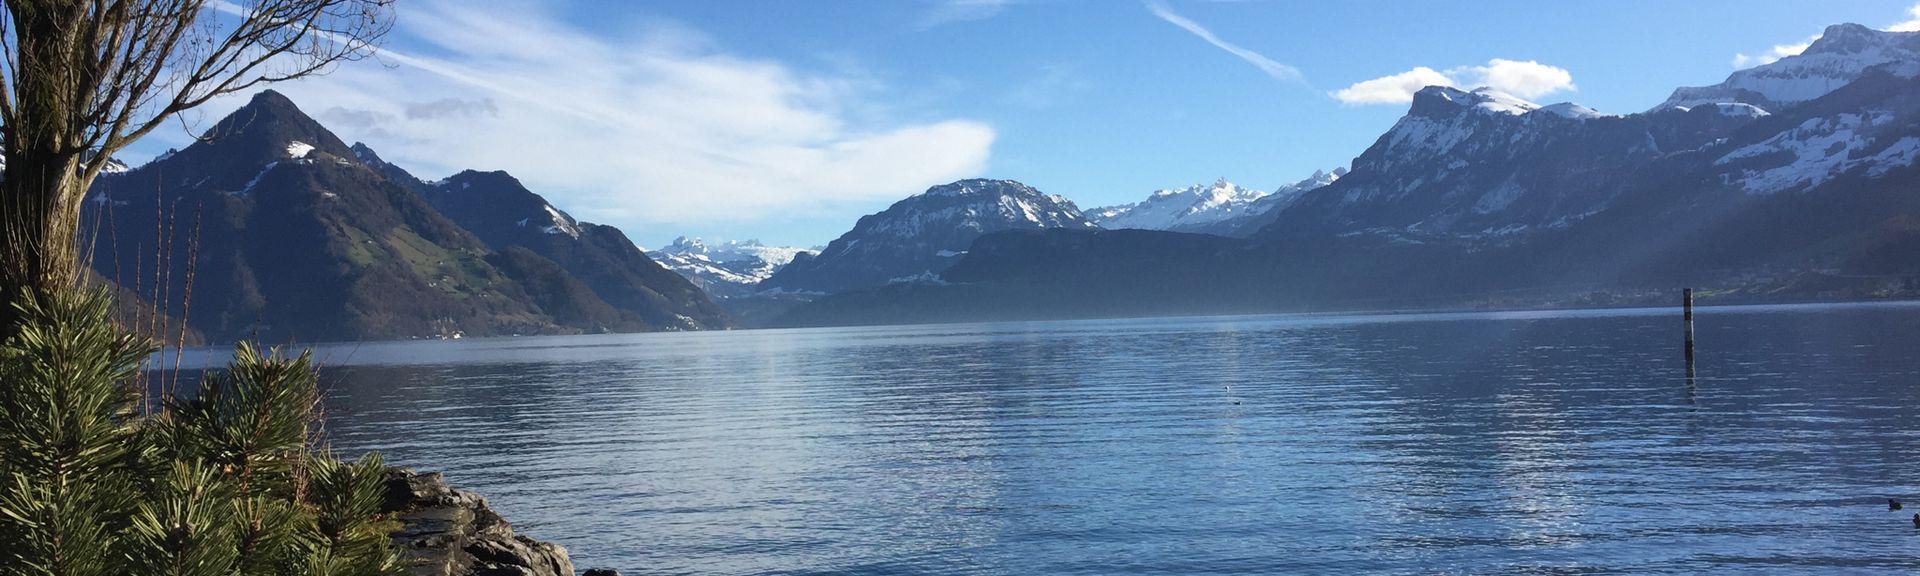 Buchrain, Lucerne, Switzerland